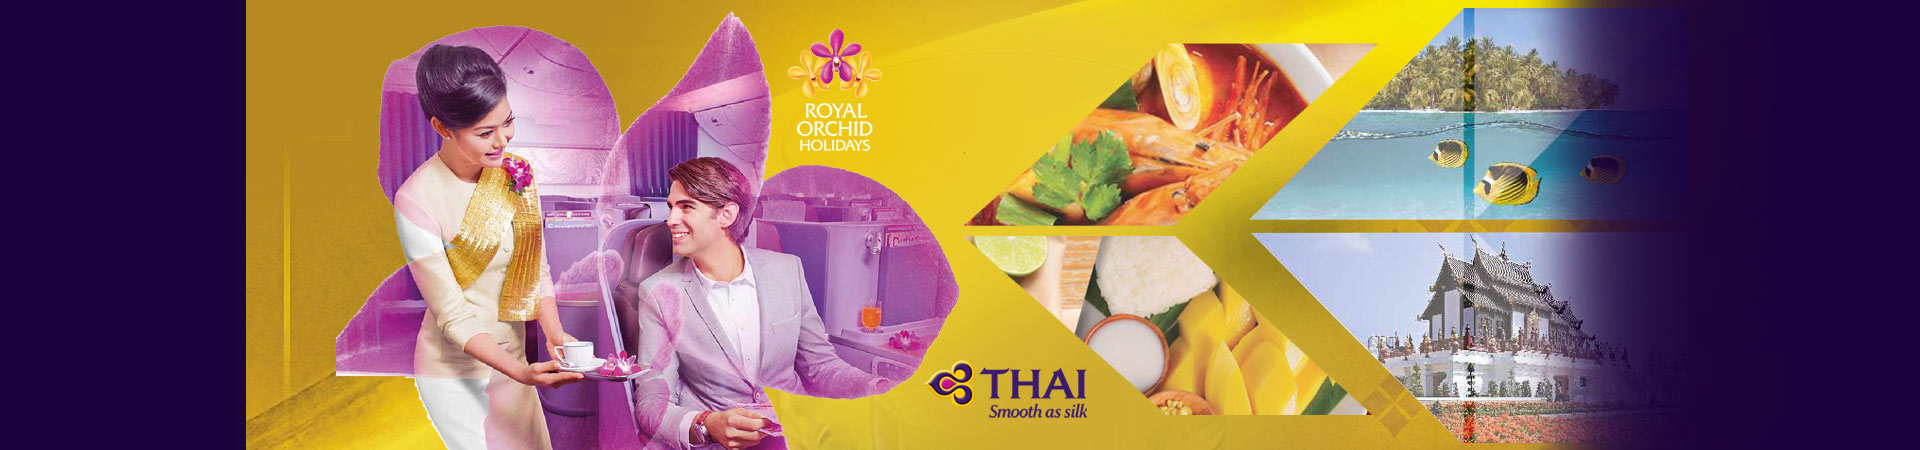 Royal Orchid Holidays (Thai) HONG KONG